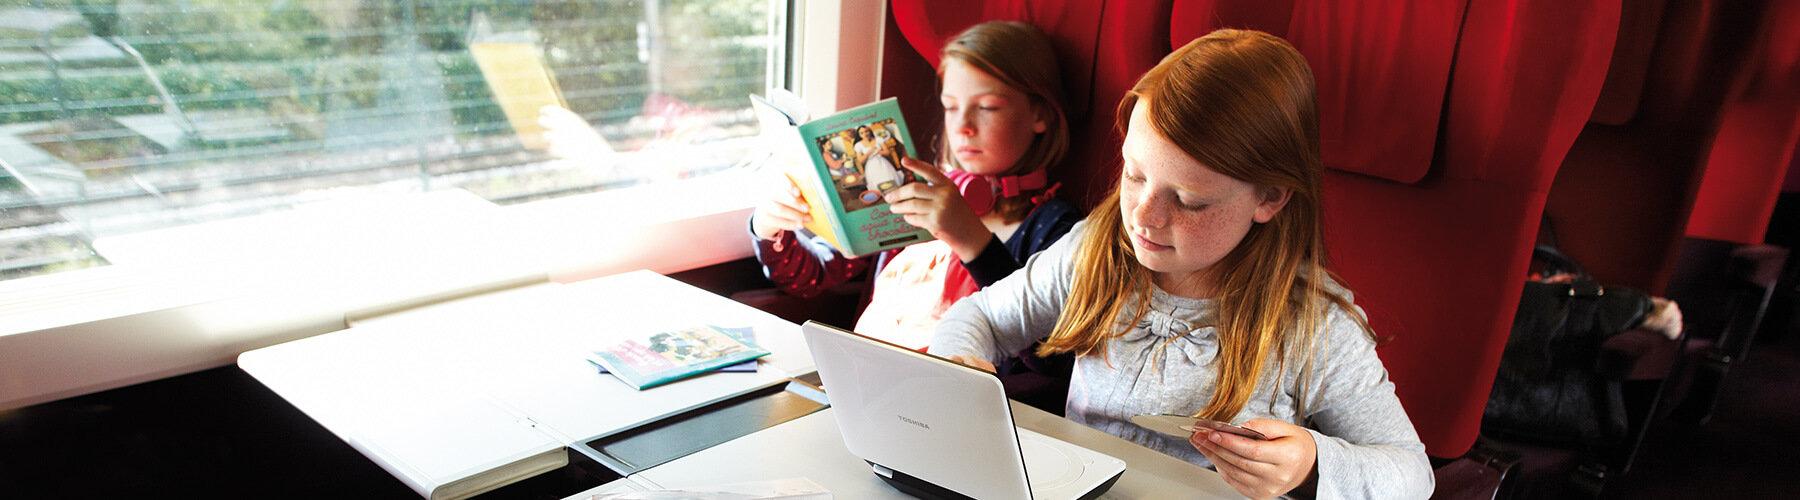 Deux filles dans un train